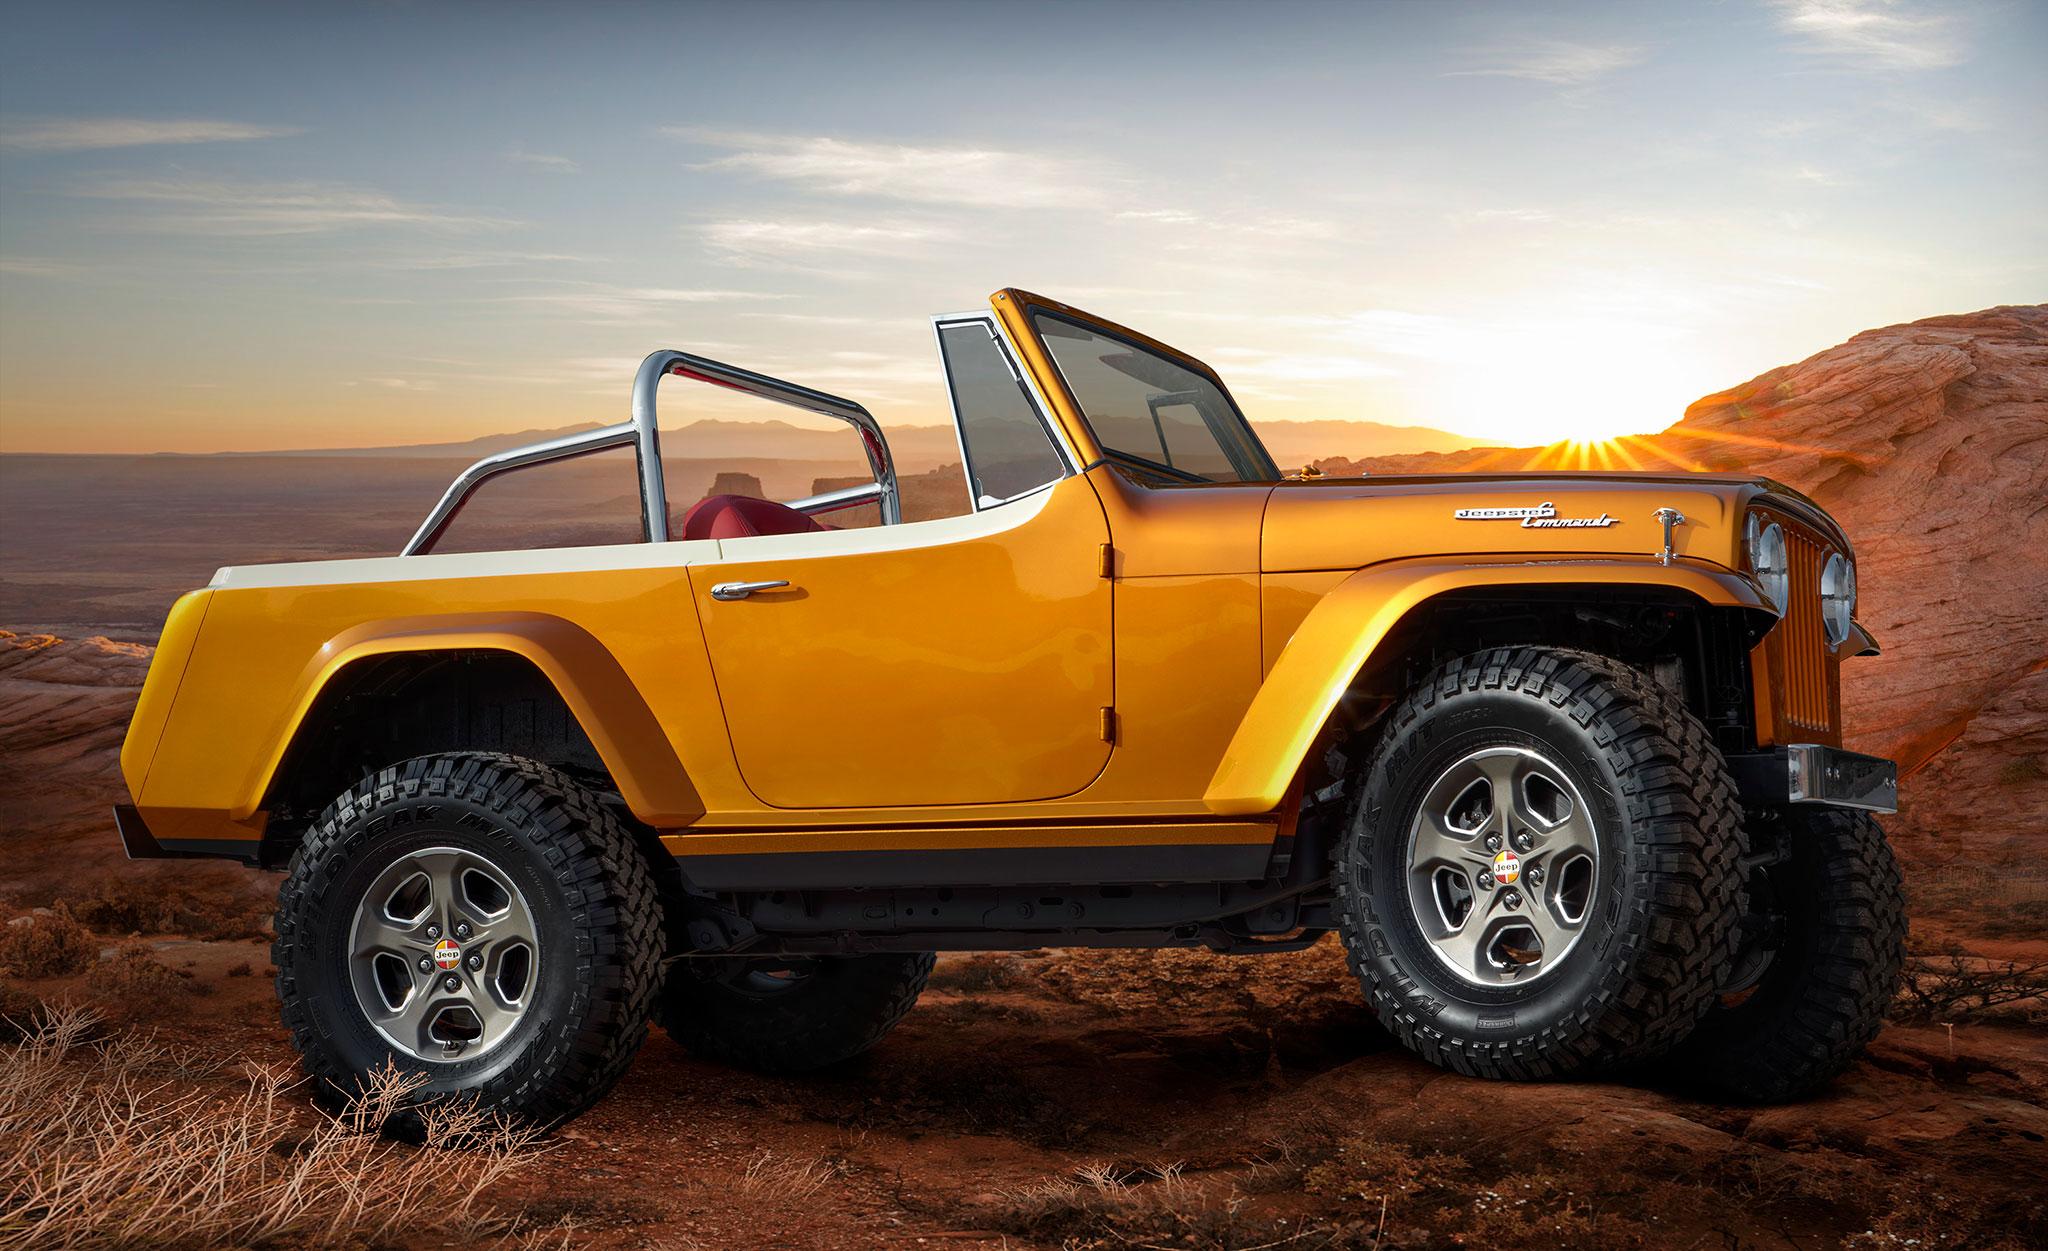 2021 Jeepster Beach Resto Mod Concept latéral côté droit - Concept Cars de Jeep®.